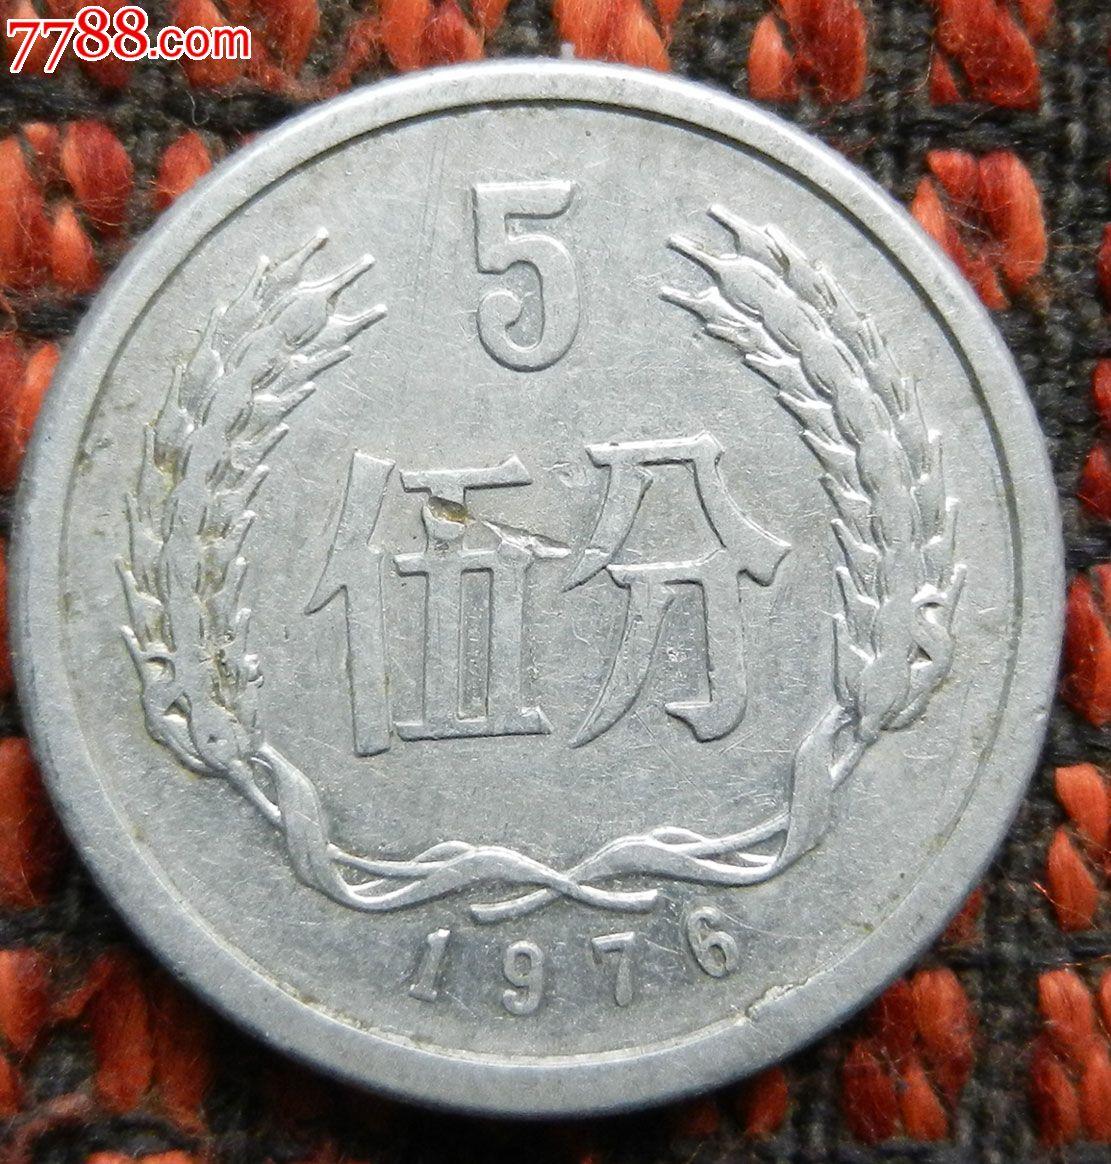 1998年香港5元硬币_5分硬币(1976年)